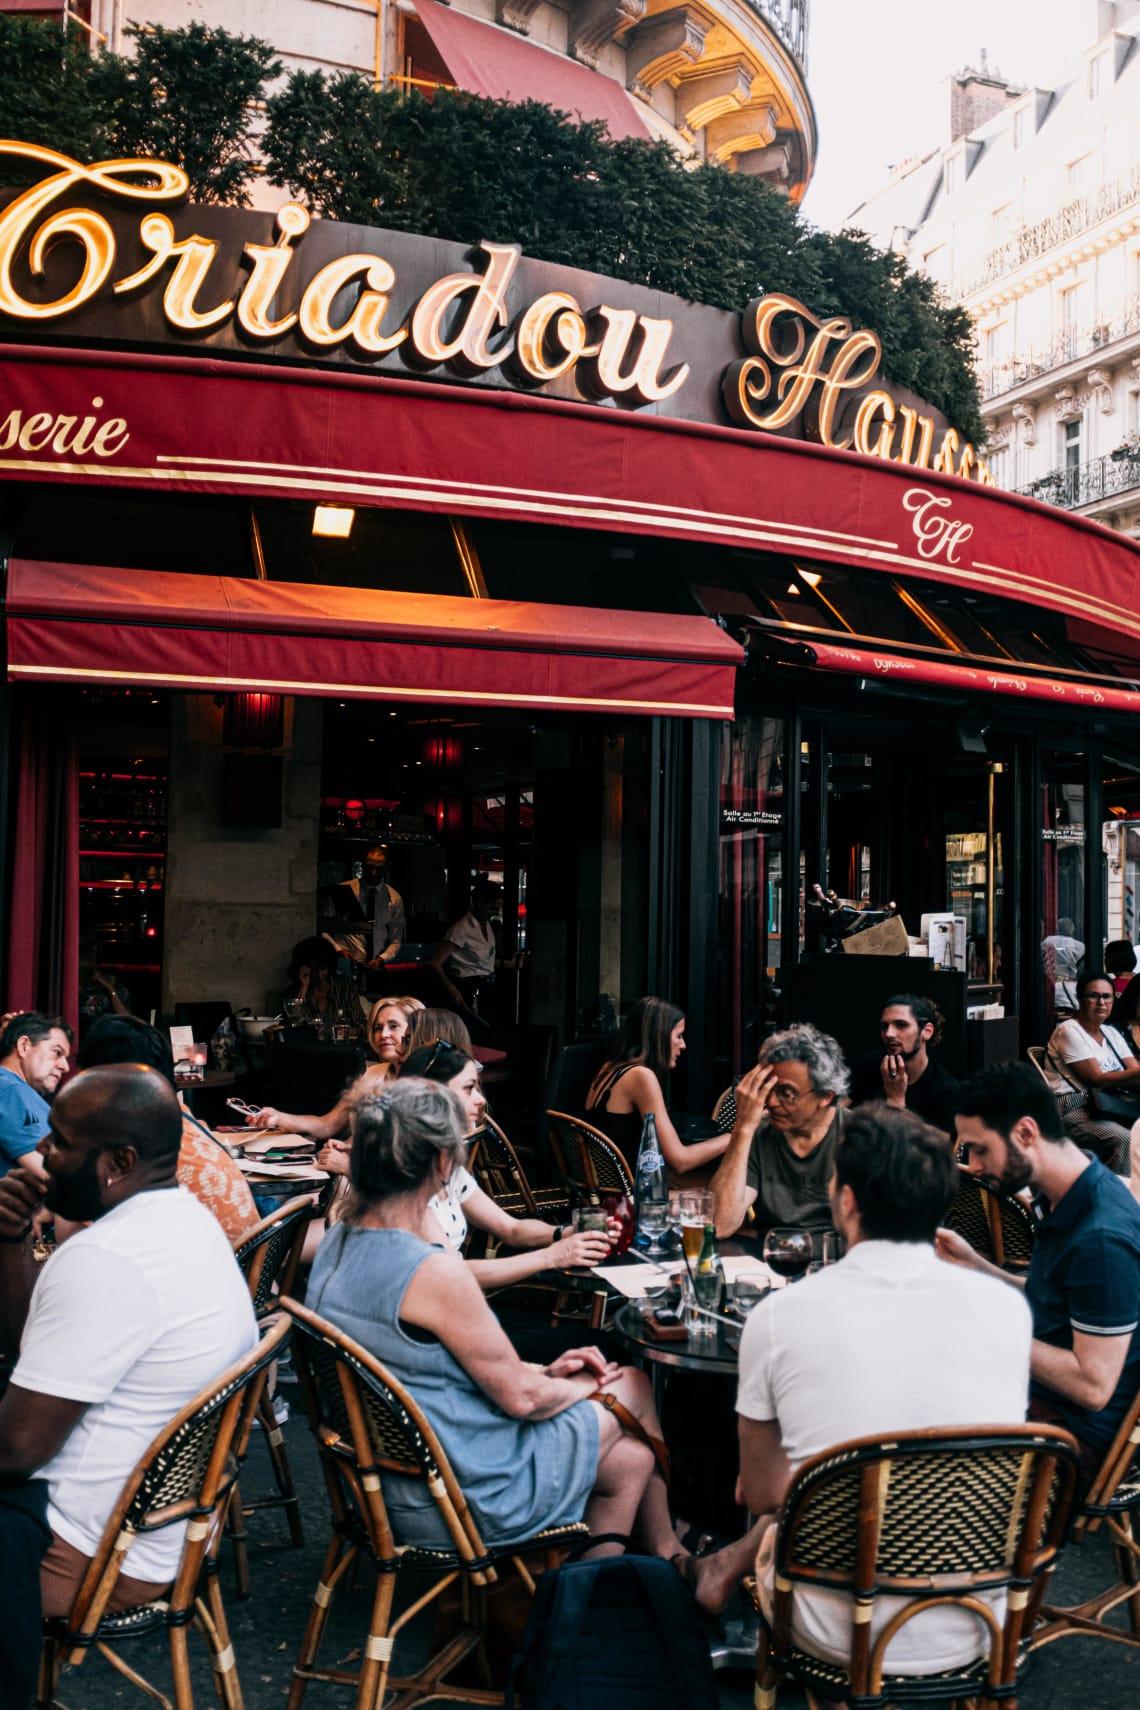 Cafe culture, Paris, France